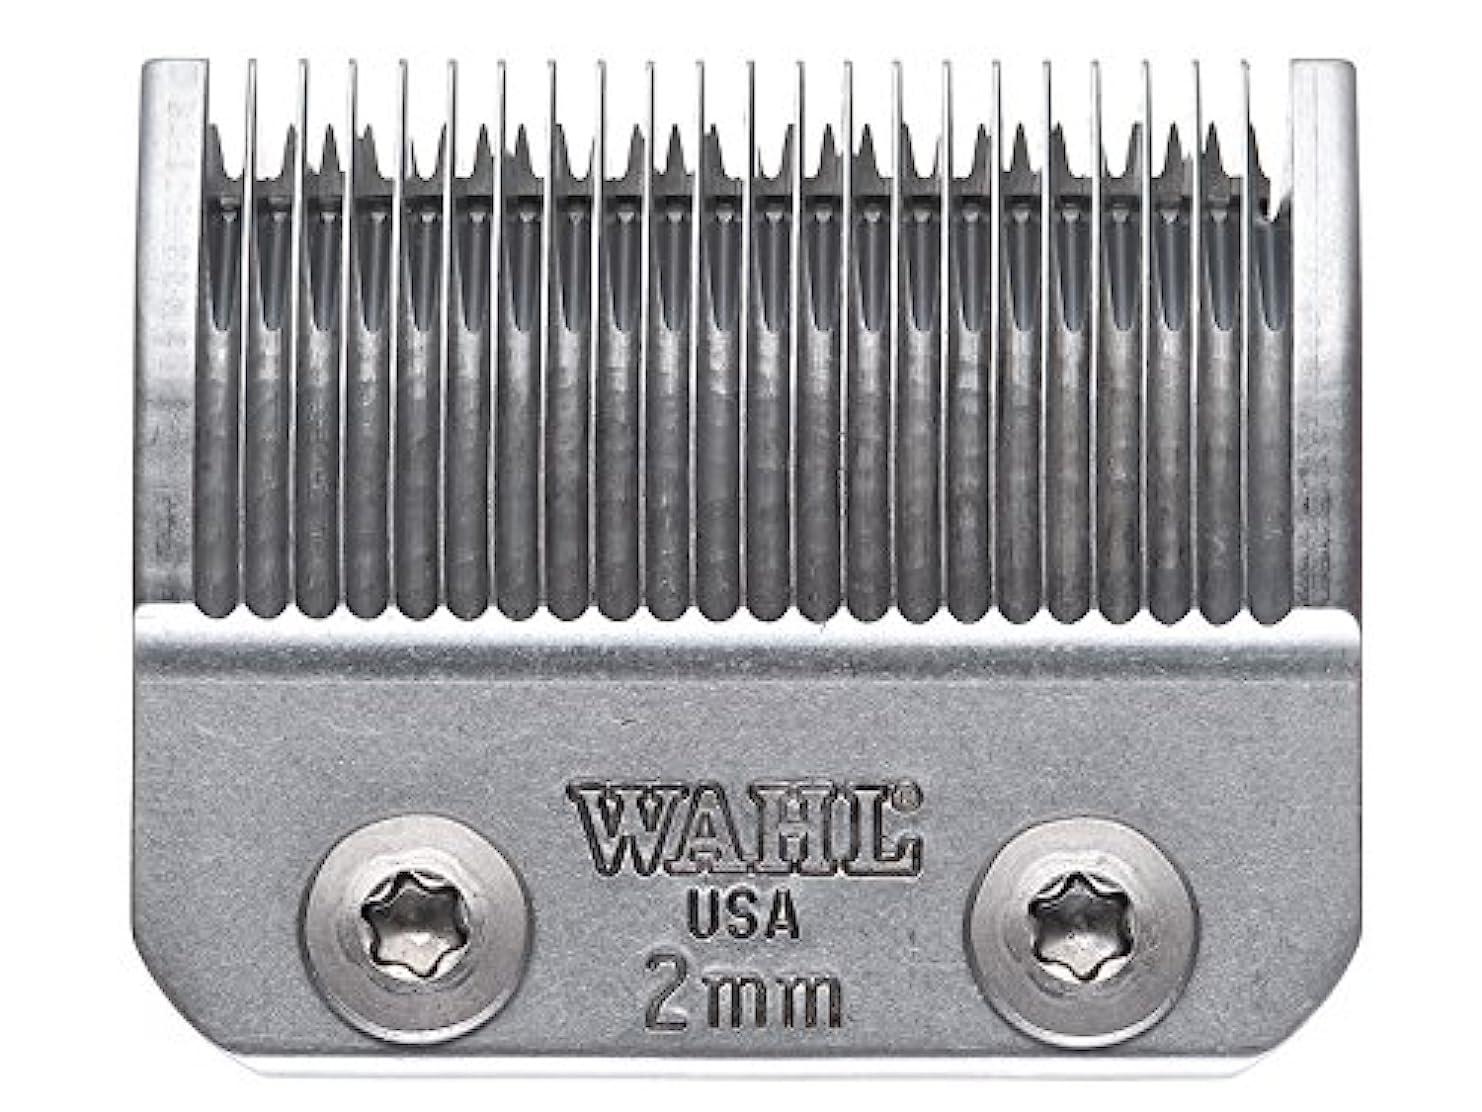 ファンしがみつく放置WAHL アンバサダー 専用替刃 2mm